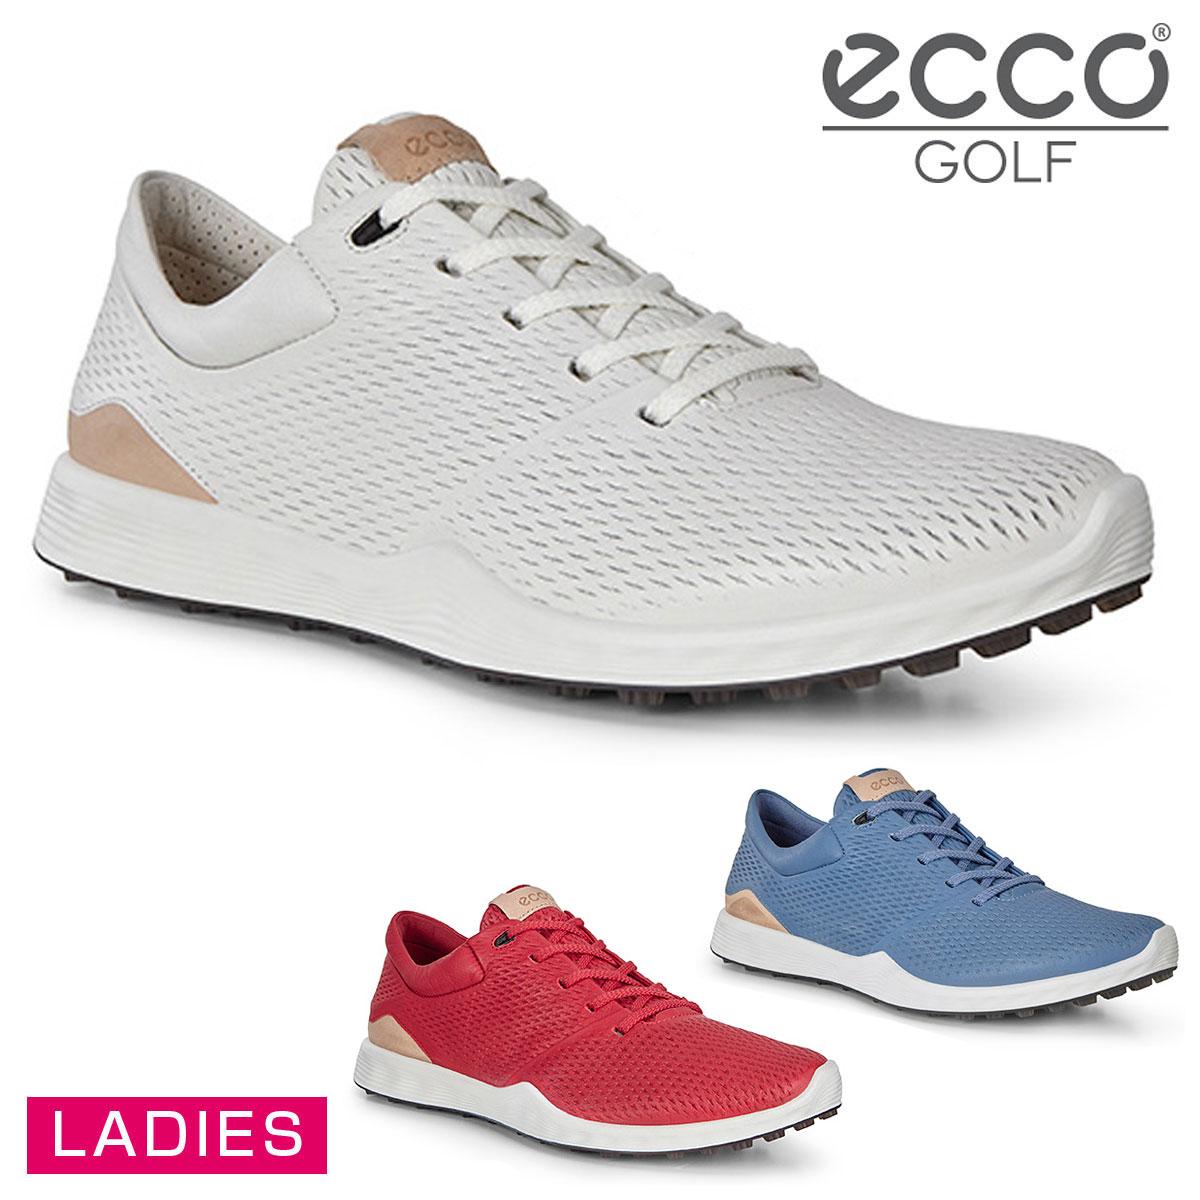 ECCO(エコー)日本正規品 S-LITE(エスライト) レディスモデル スパイクレスゴルフシューズ 2020新製品 「121903」 【あす楽対応】